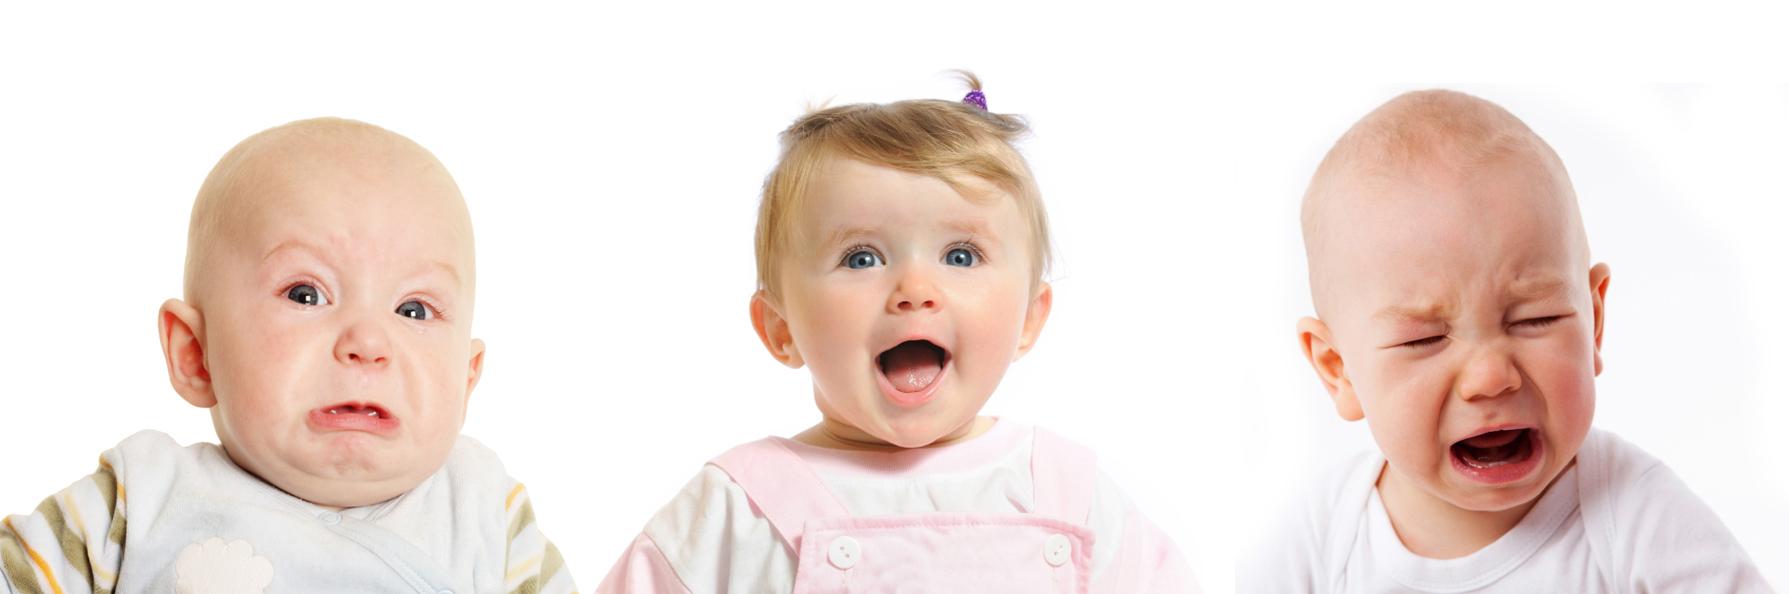 Фото детей с разным настроением